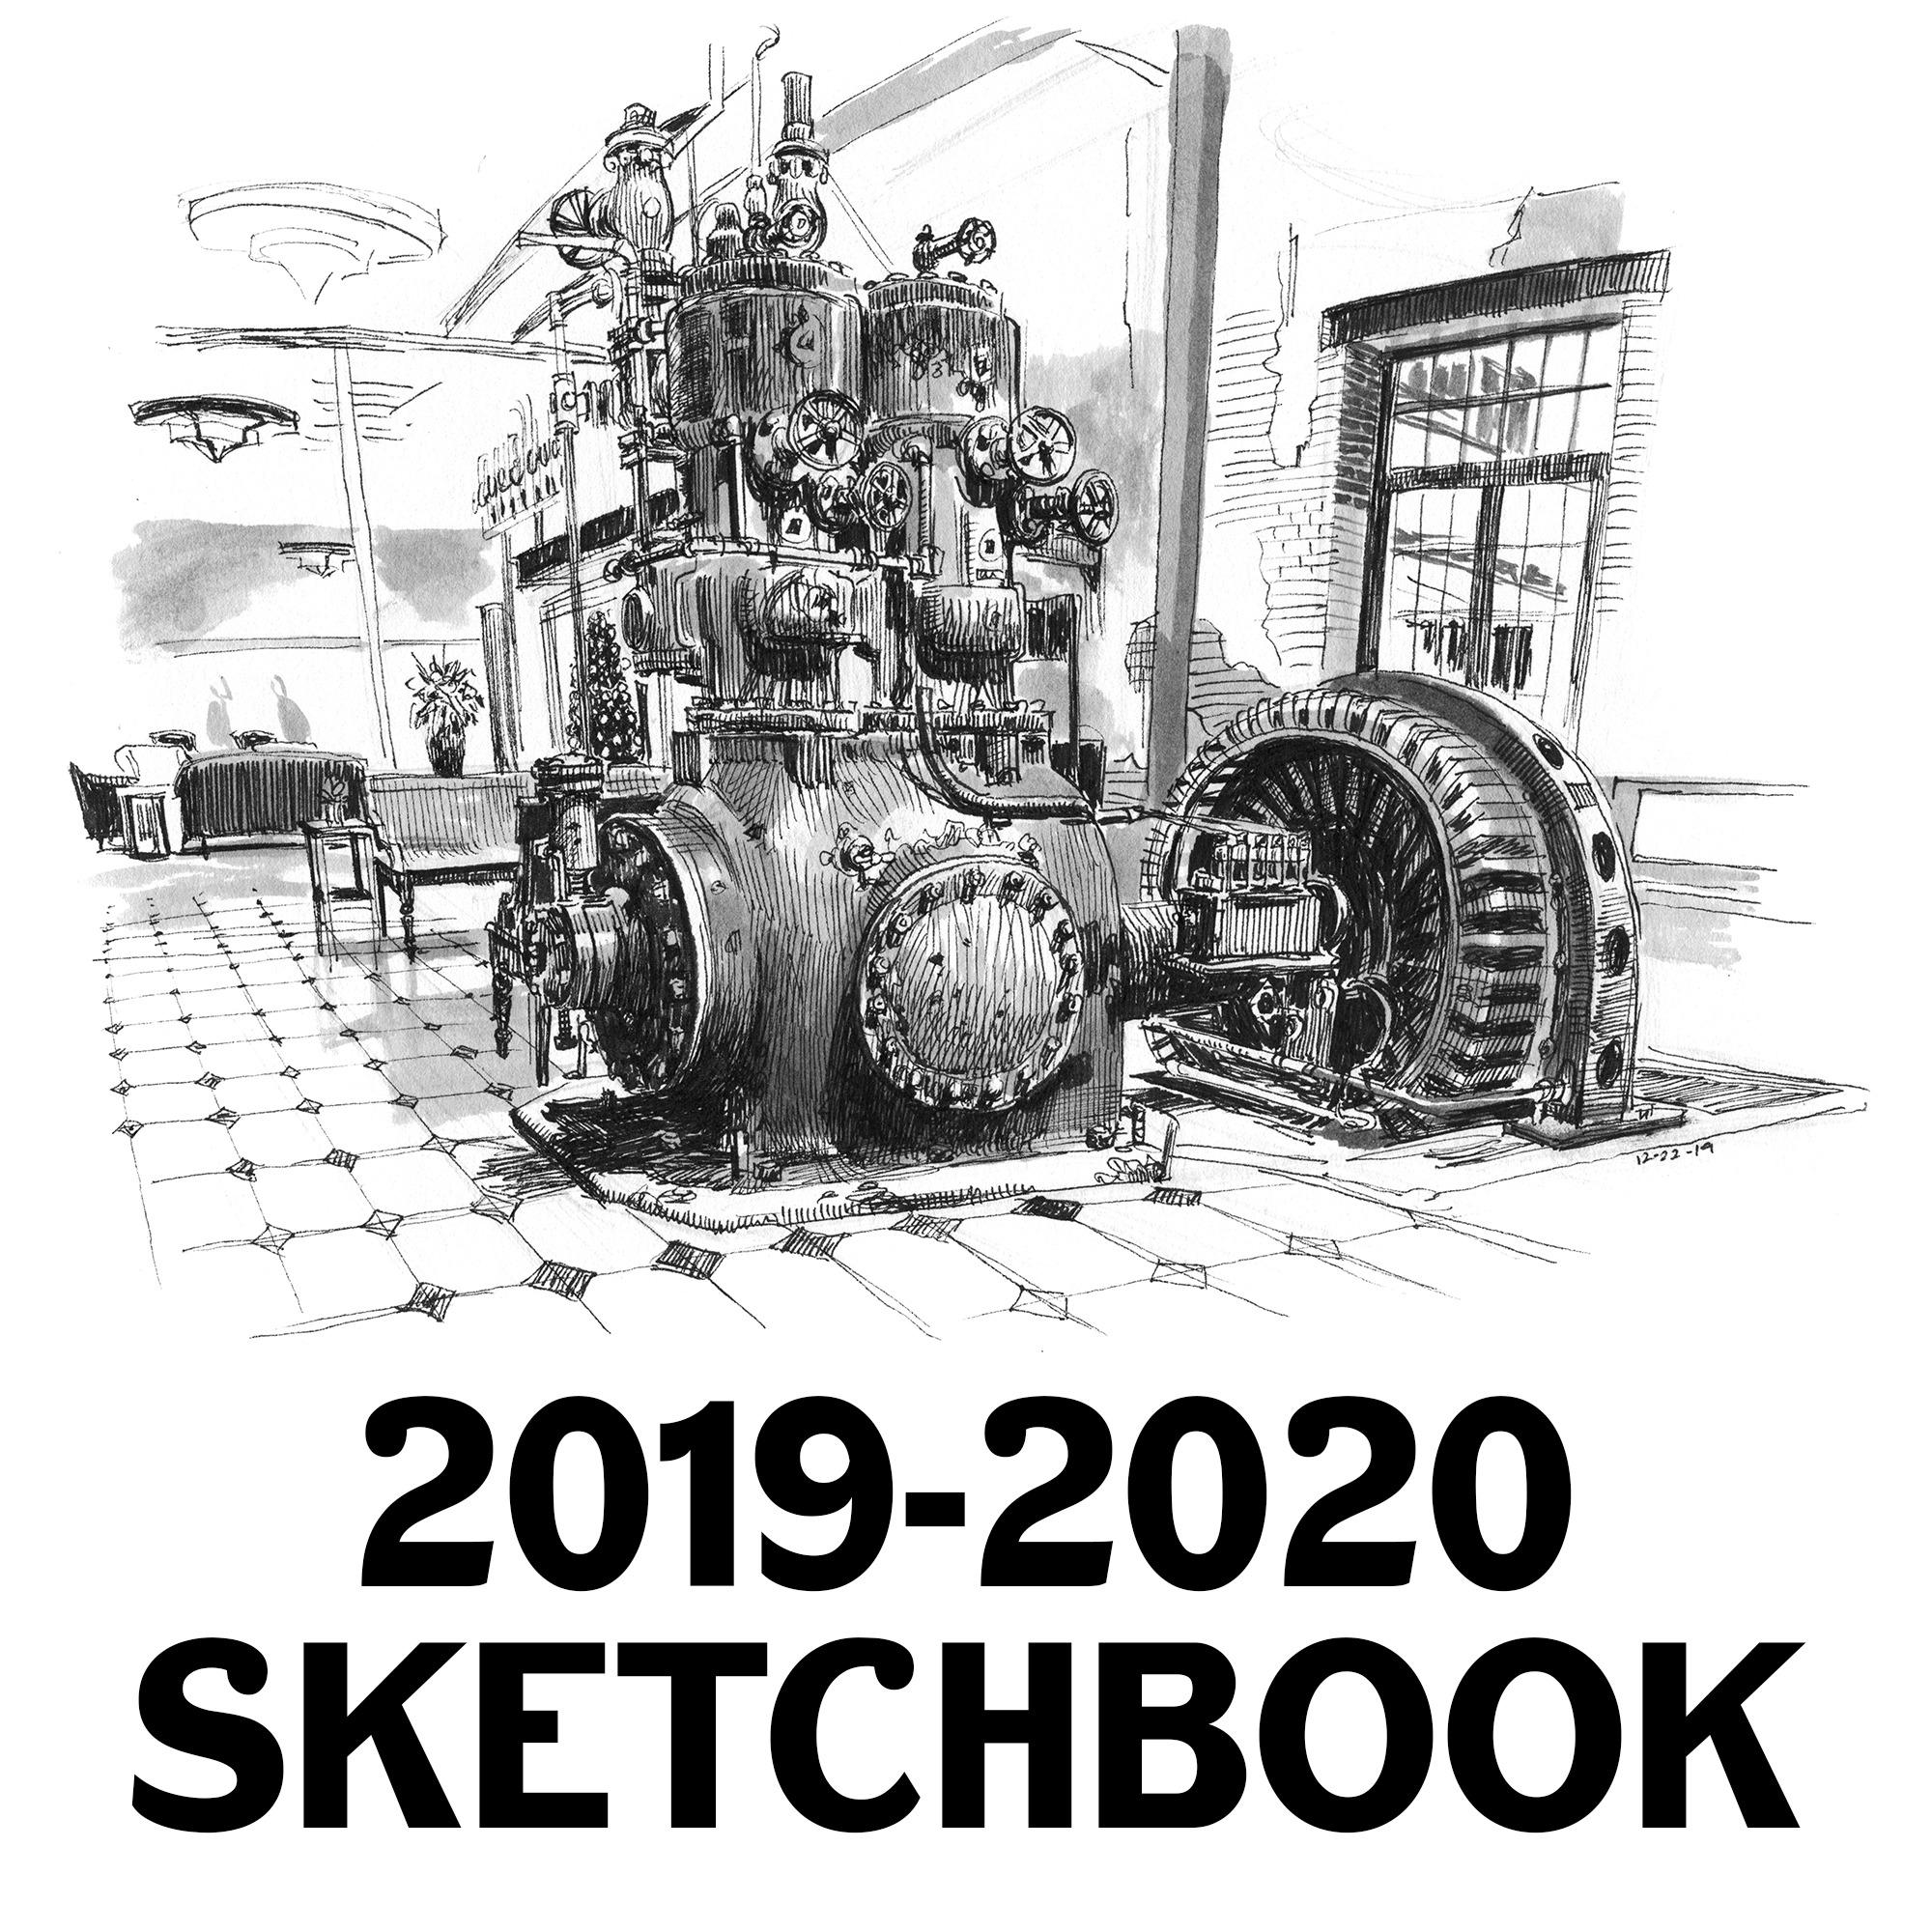 @paulheaston book: 2019-2020 sketchbook Link Thumbnail | Linktree